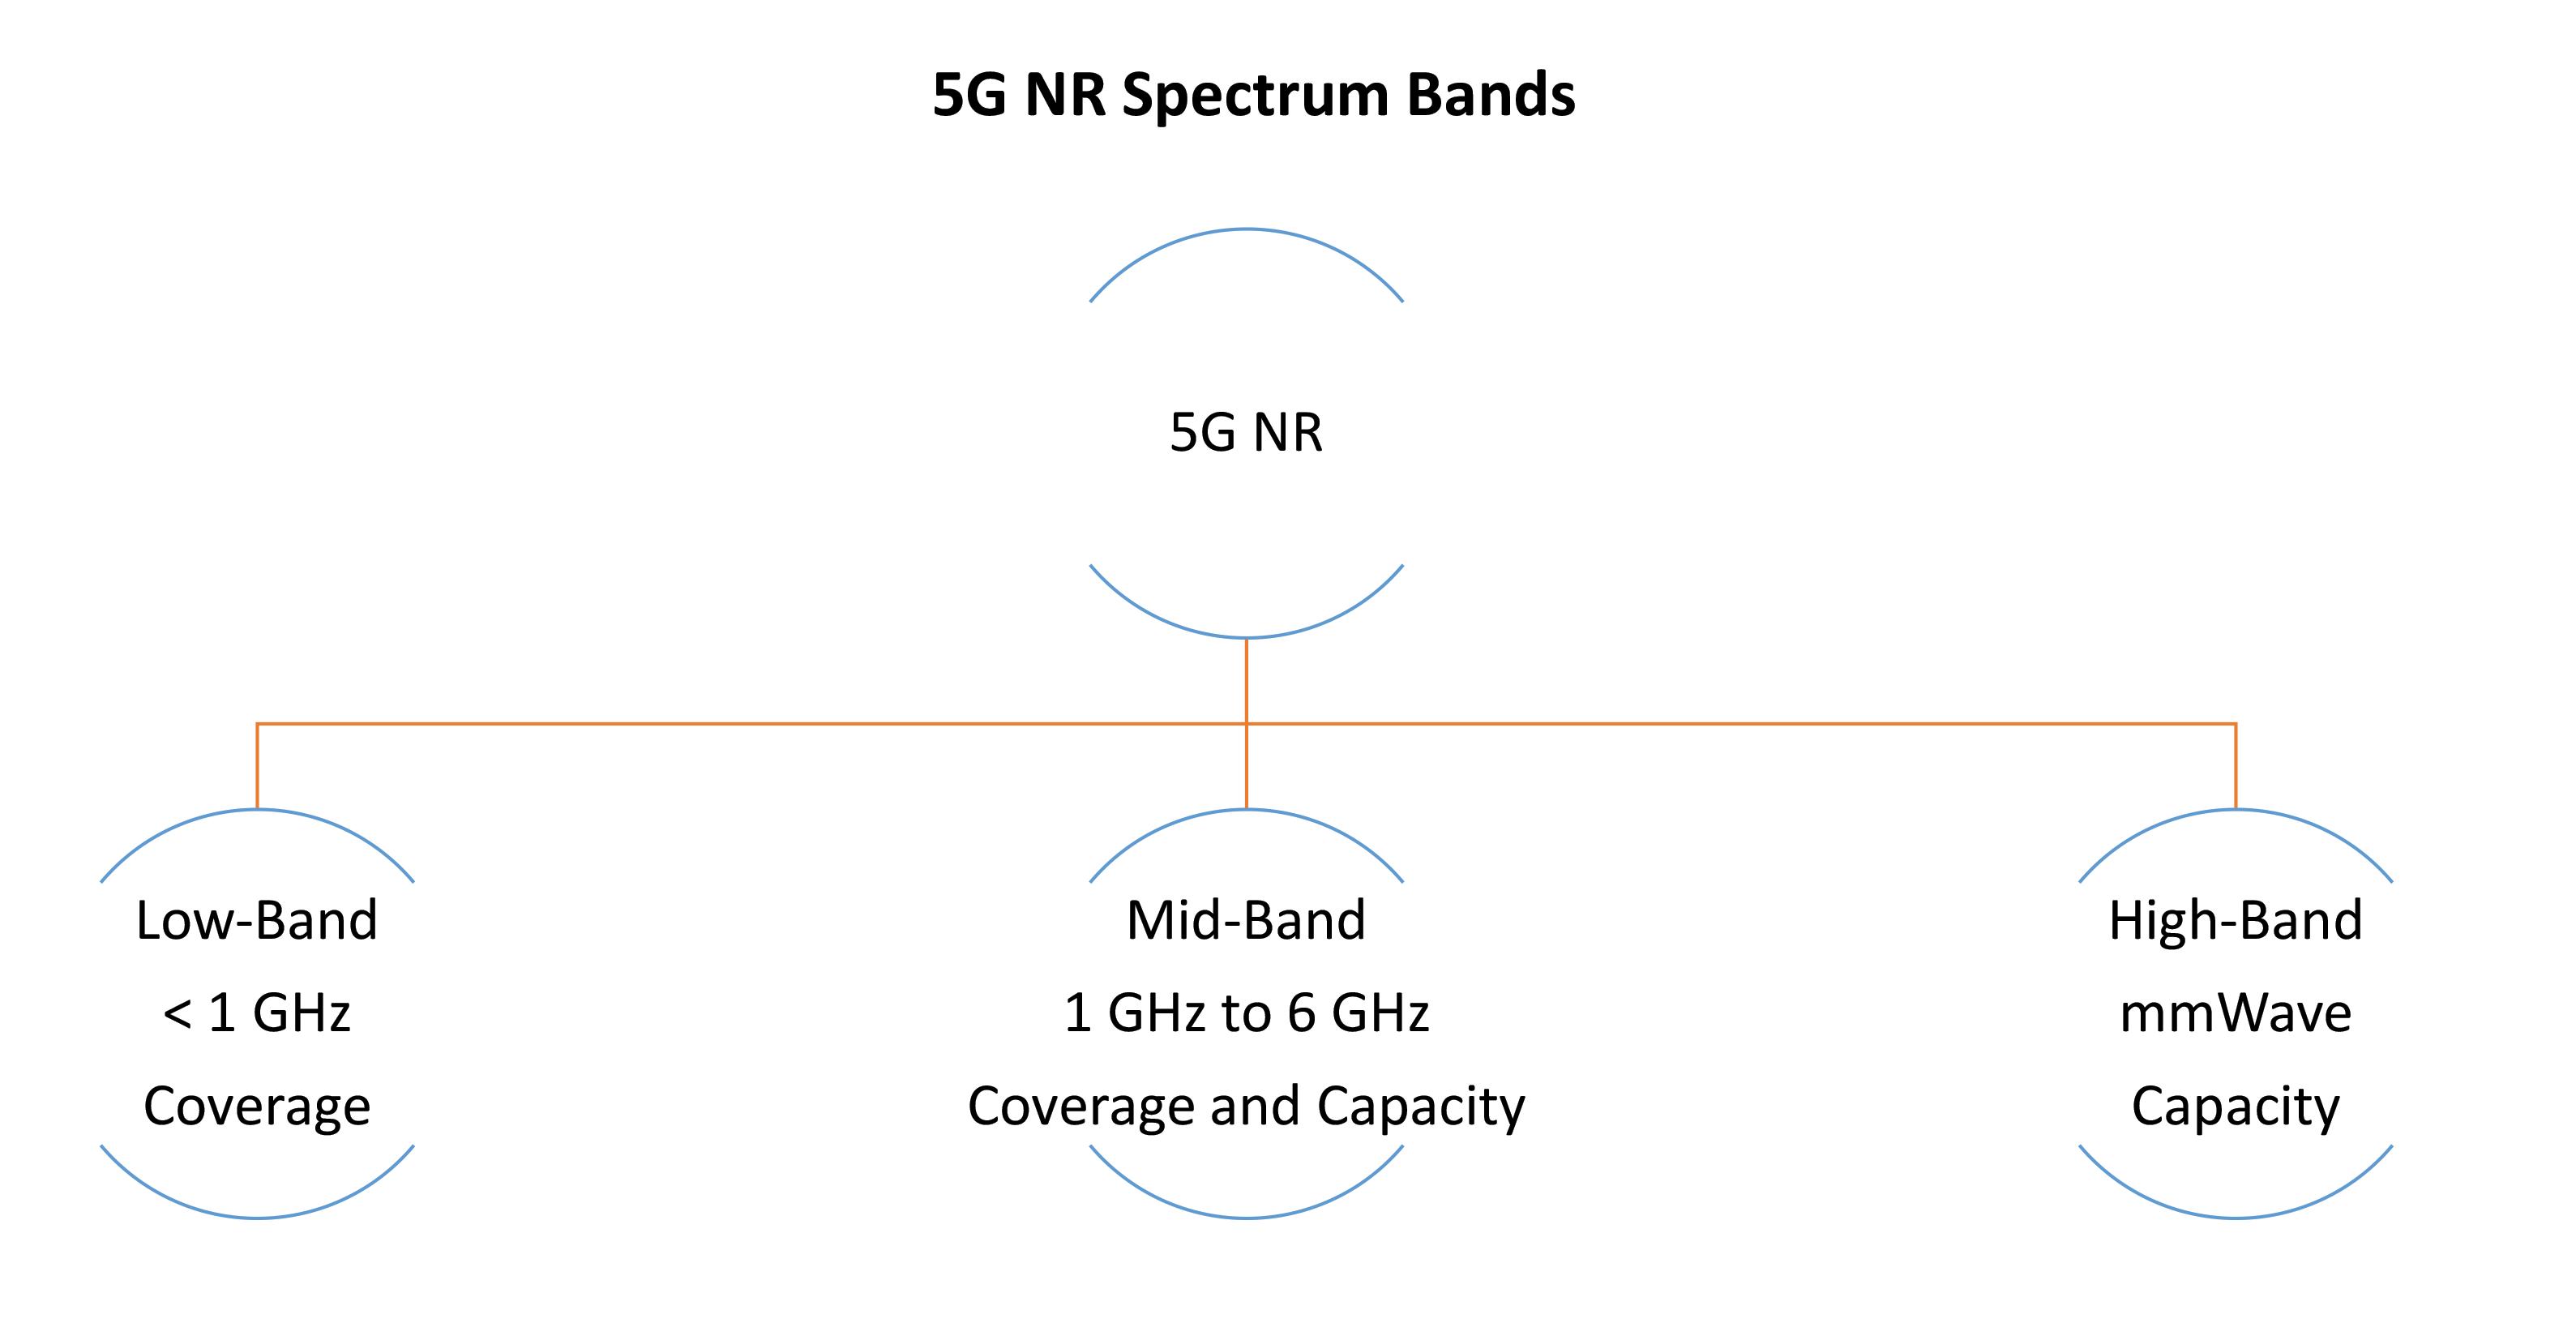 5G NR Spectrum Bands - Chart